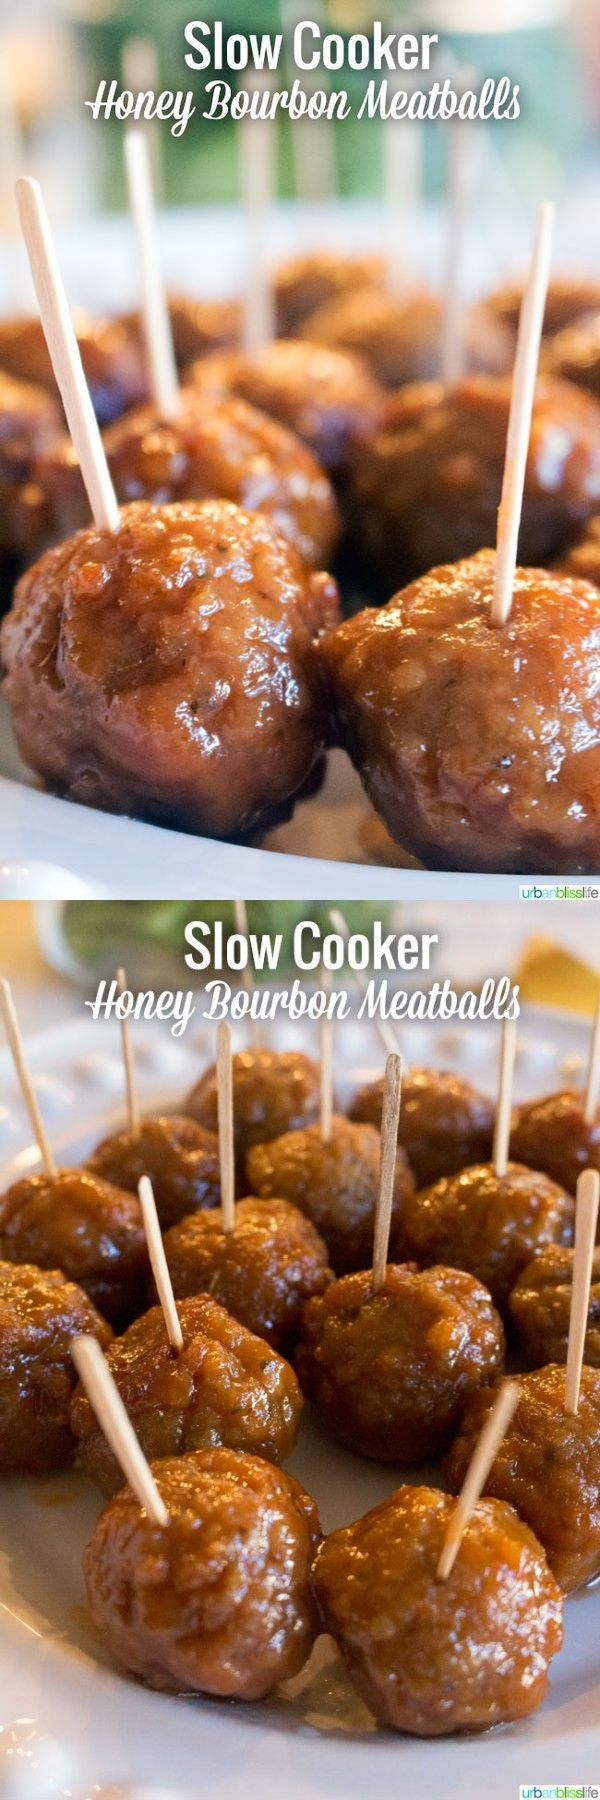 Slow Cooker Honey Bourbon Meatballs